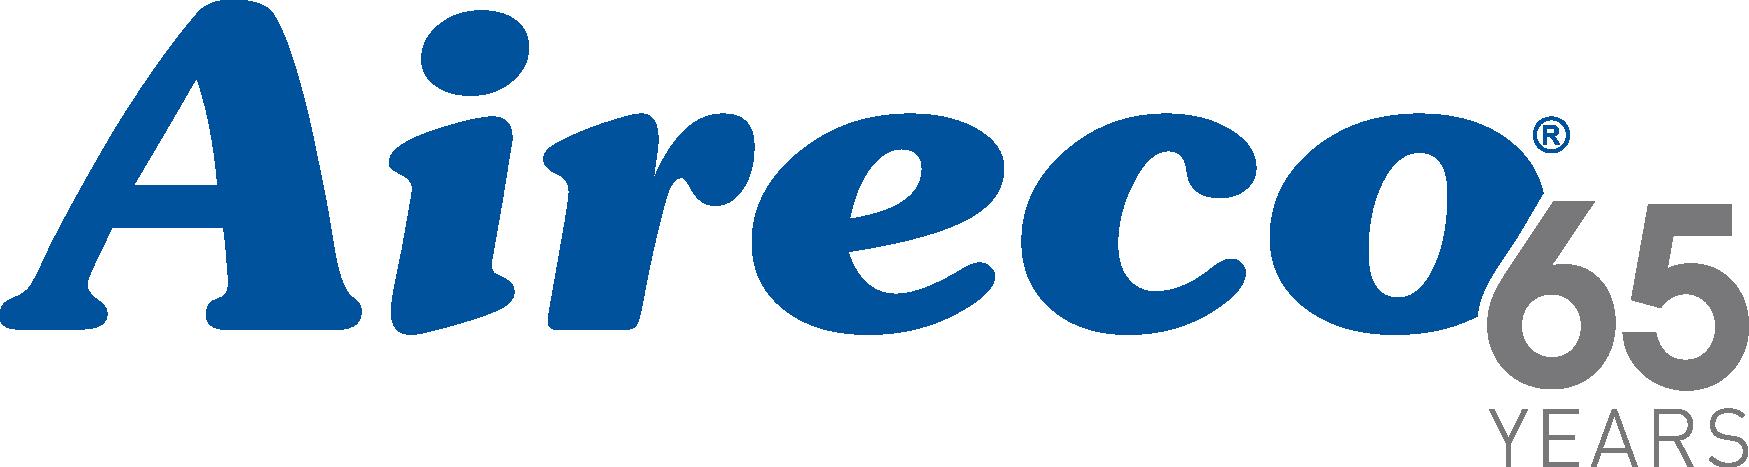 Aireco 65th Anniversary logo